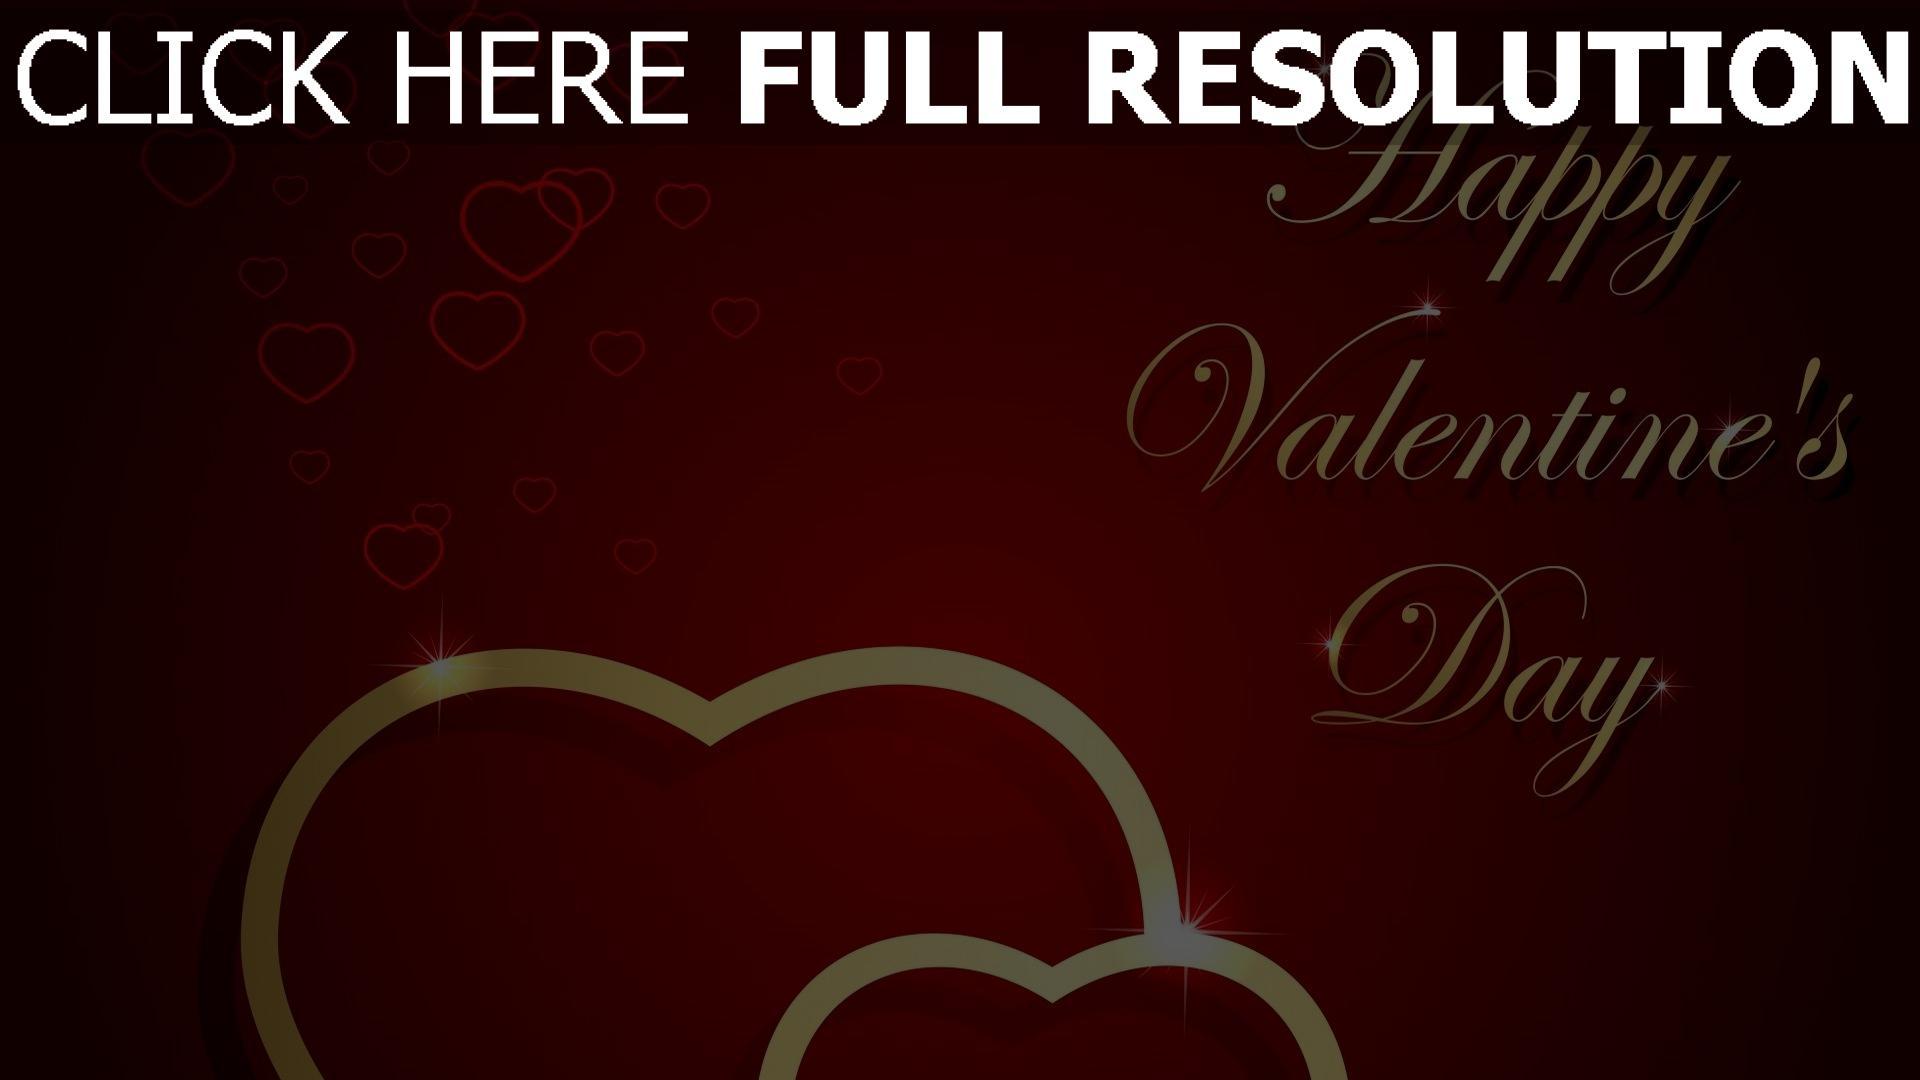 Hd Hintergrundbilder Valentinstag Grusse Wunsche Herzen Rot Gold